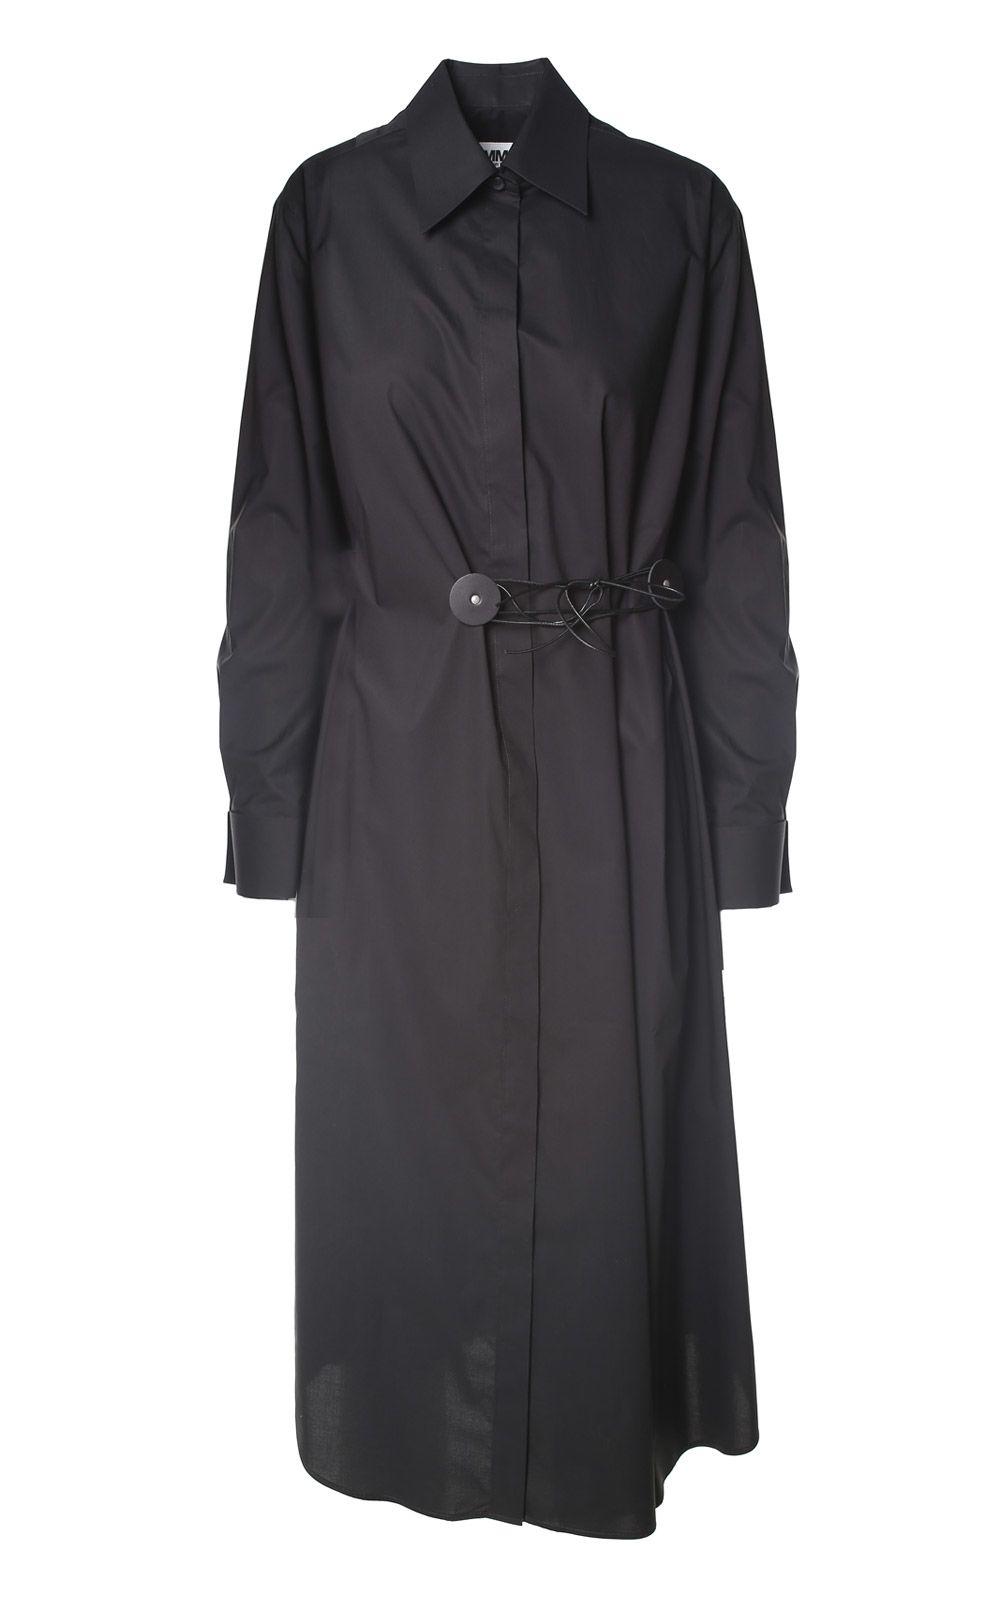 MM6 Maison Margiela Cotton-poplin Shirt Dress